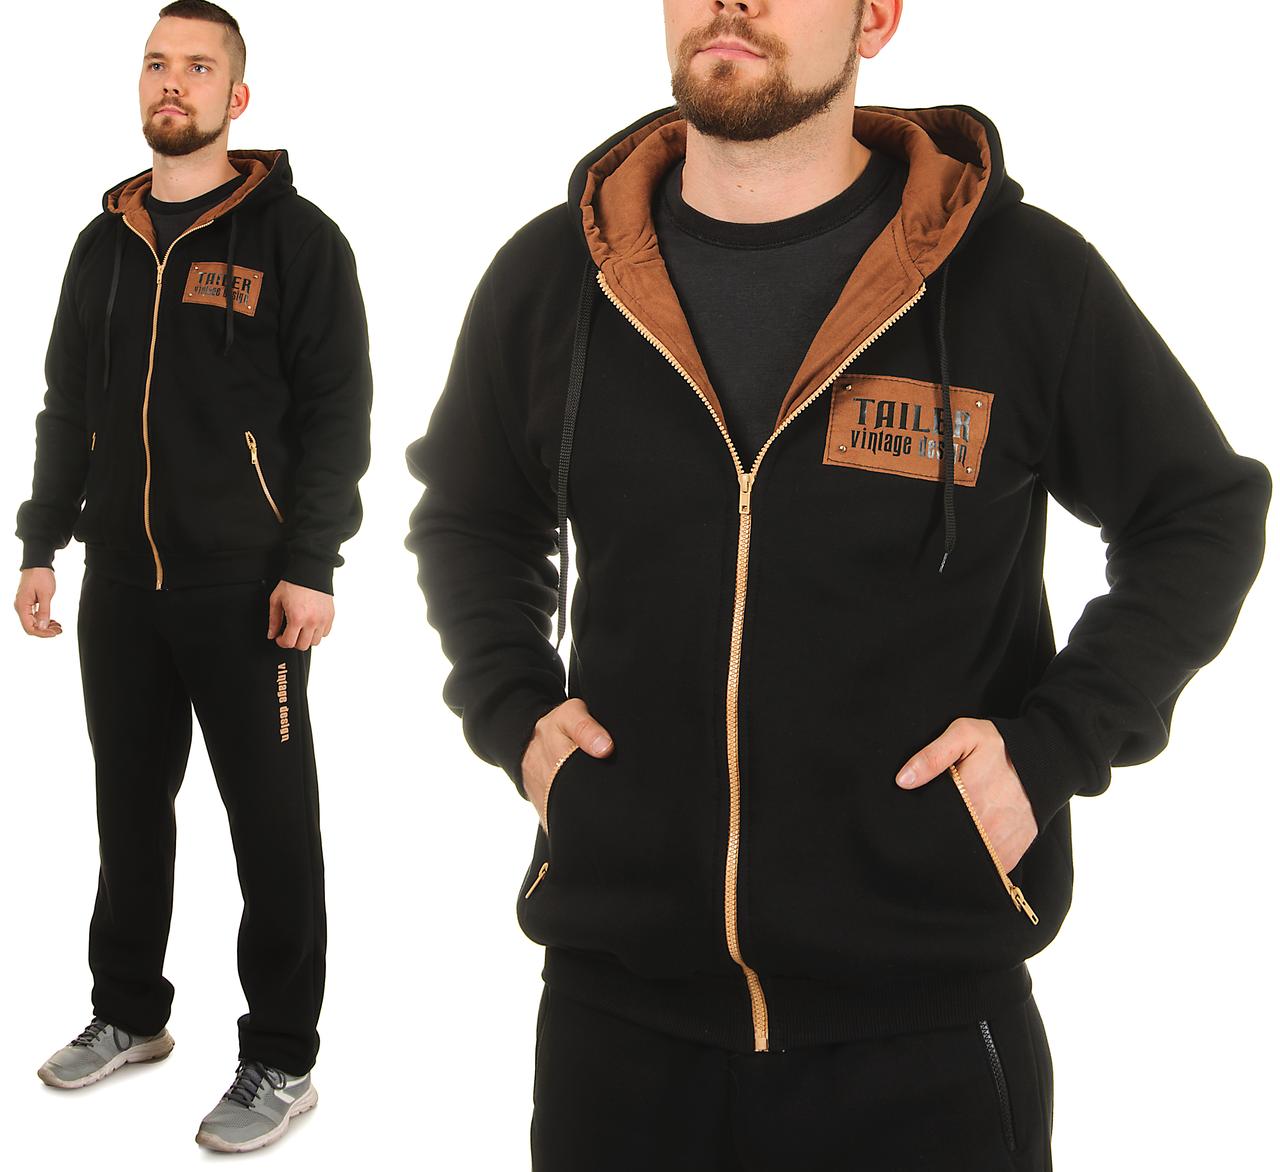 Теплый спортивный костюм мужской трехнитка с начесом (замш) - Интернет  магазин Sport-sila b73732985ce